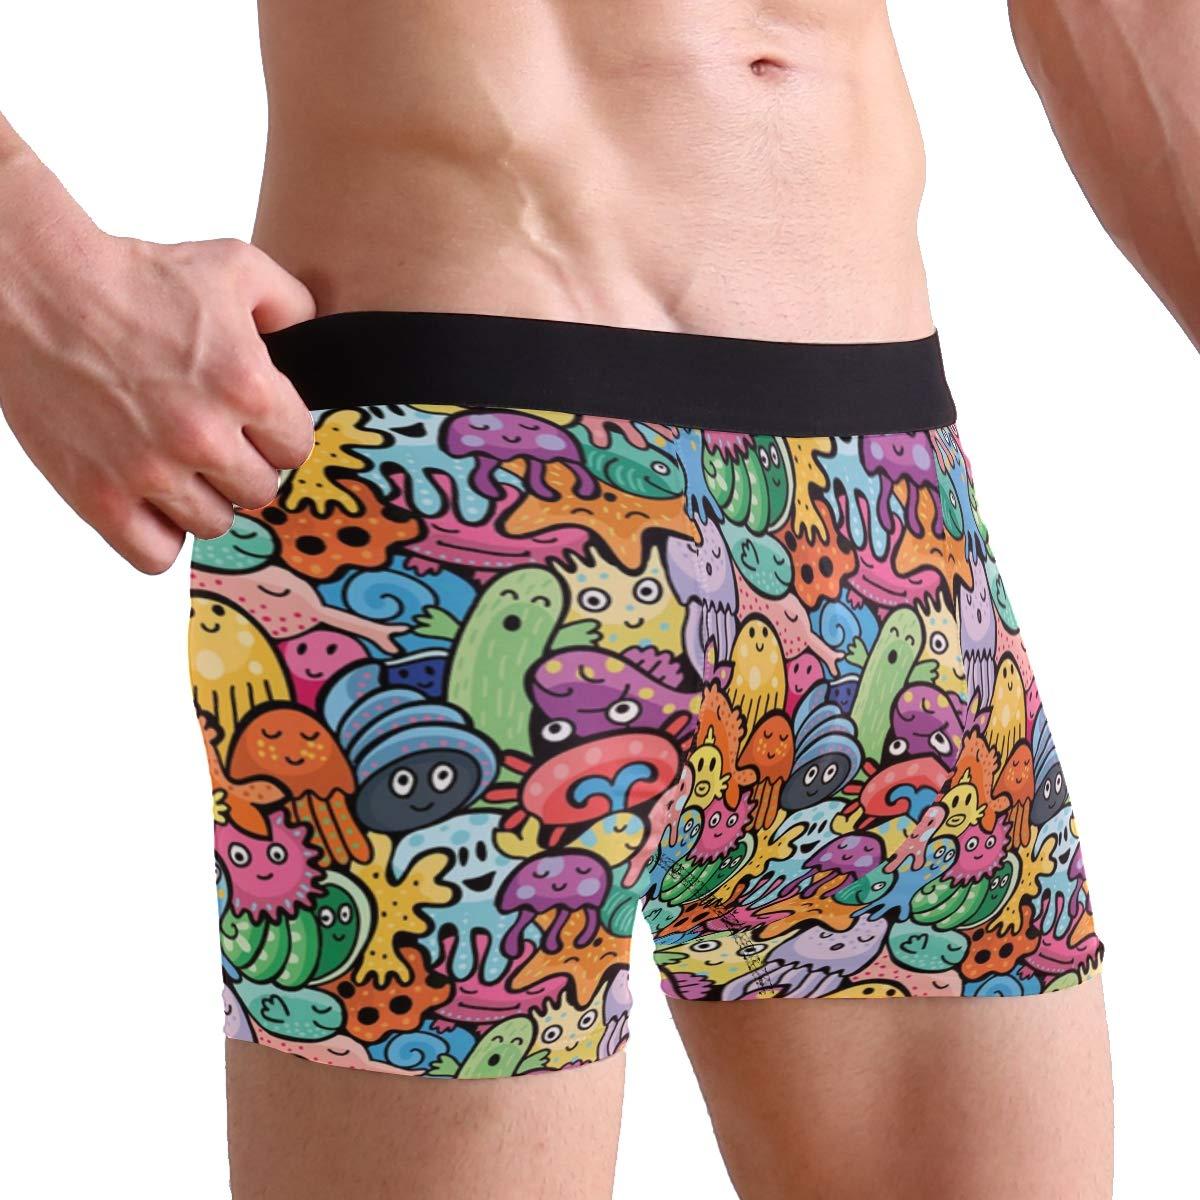 Sea Animals Pattern Boxer Briefs Mens Underwear Pack Seamless Comfort Soft